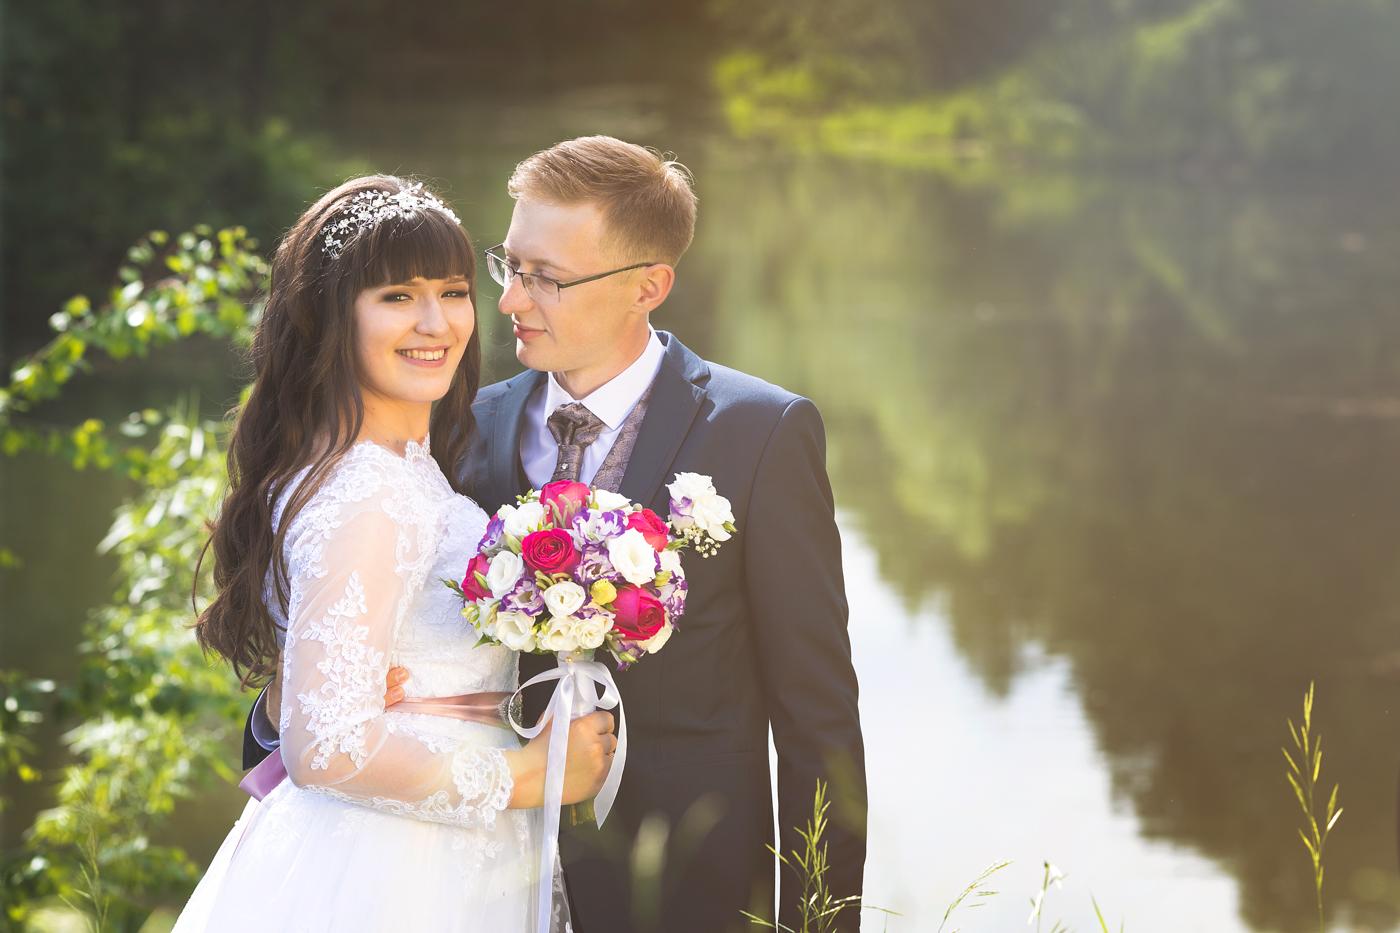 фруктами выпечкой свадебные фотографы сургута полагает